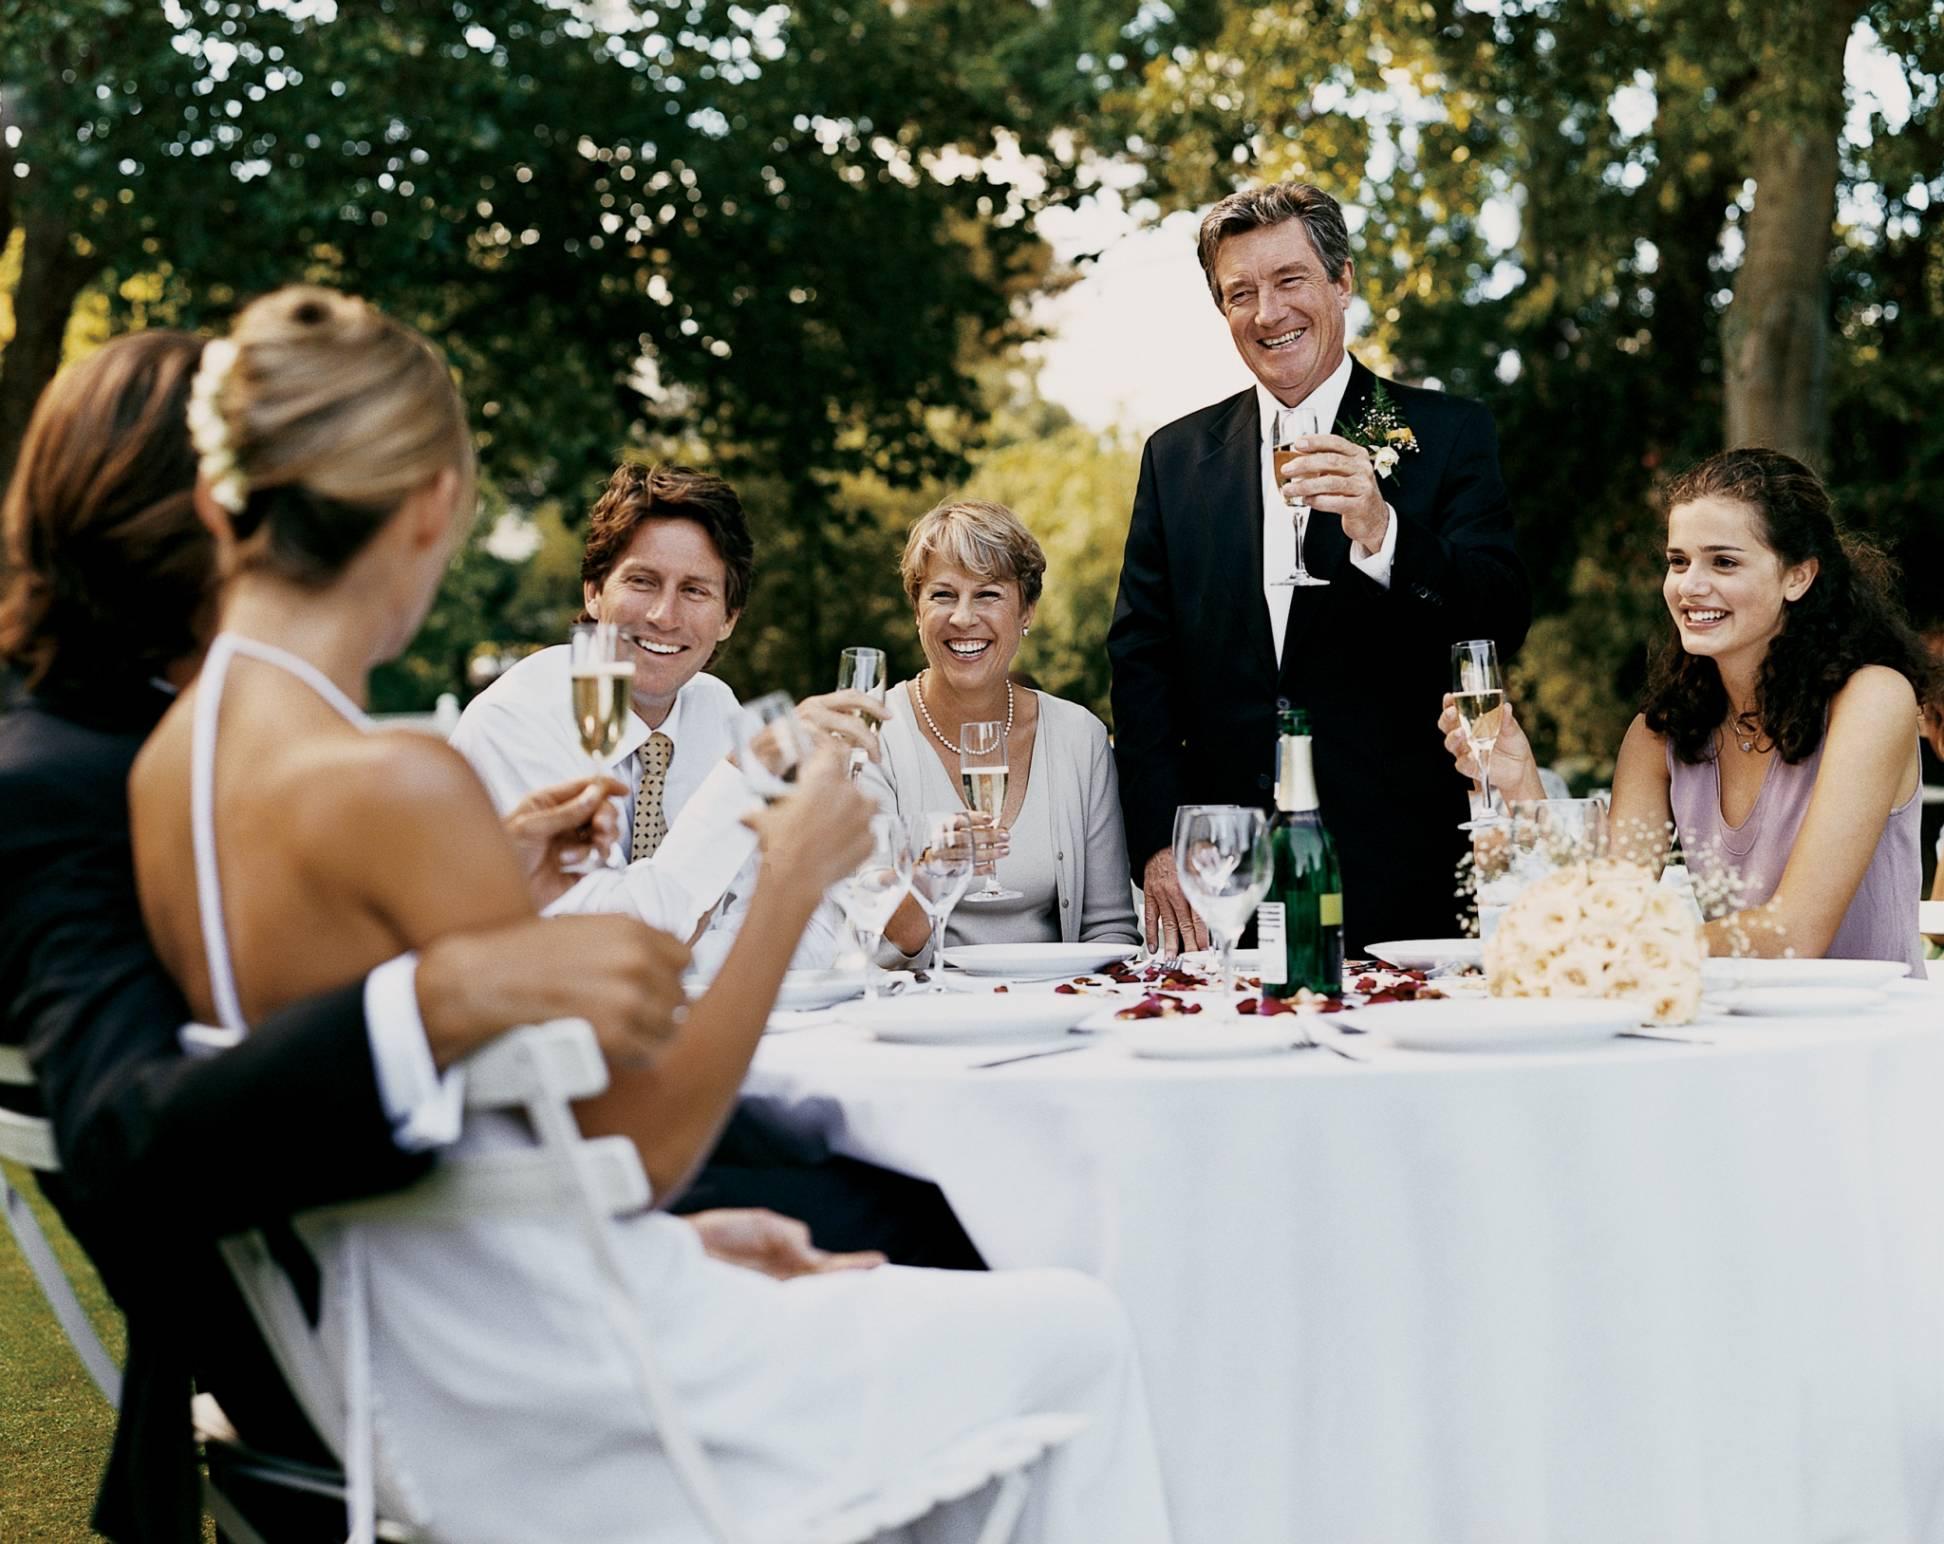 Тосты для тамады на свадьбу – варианты поздравлений